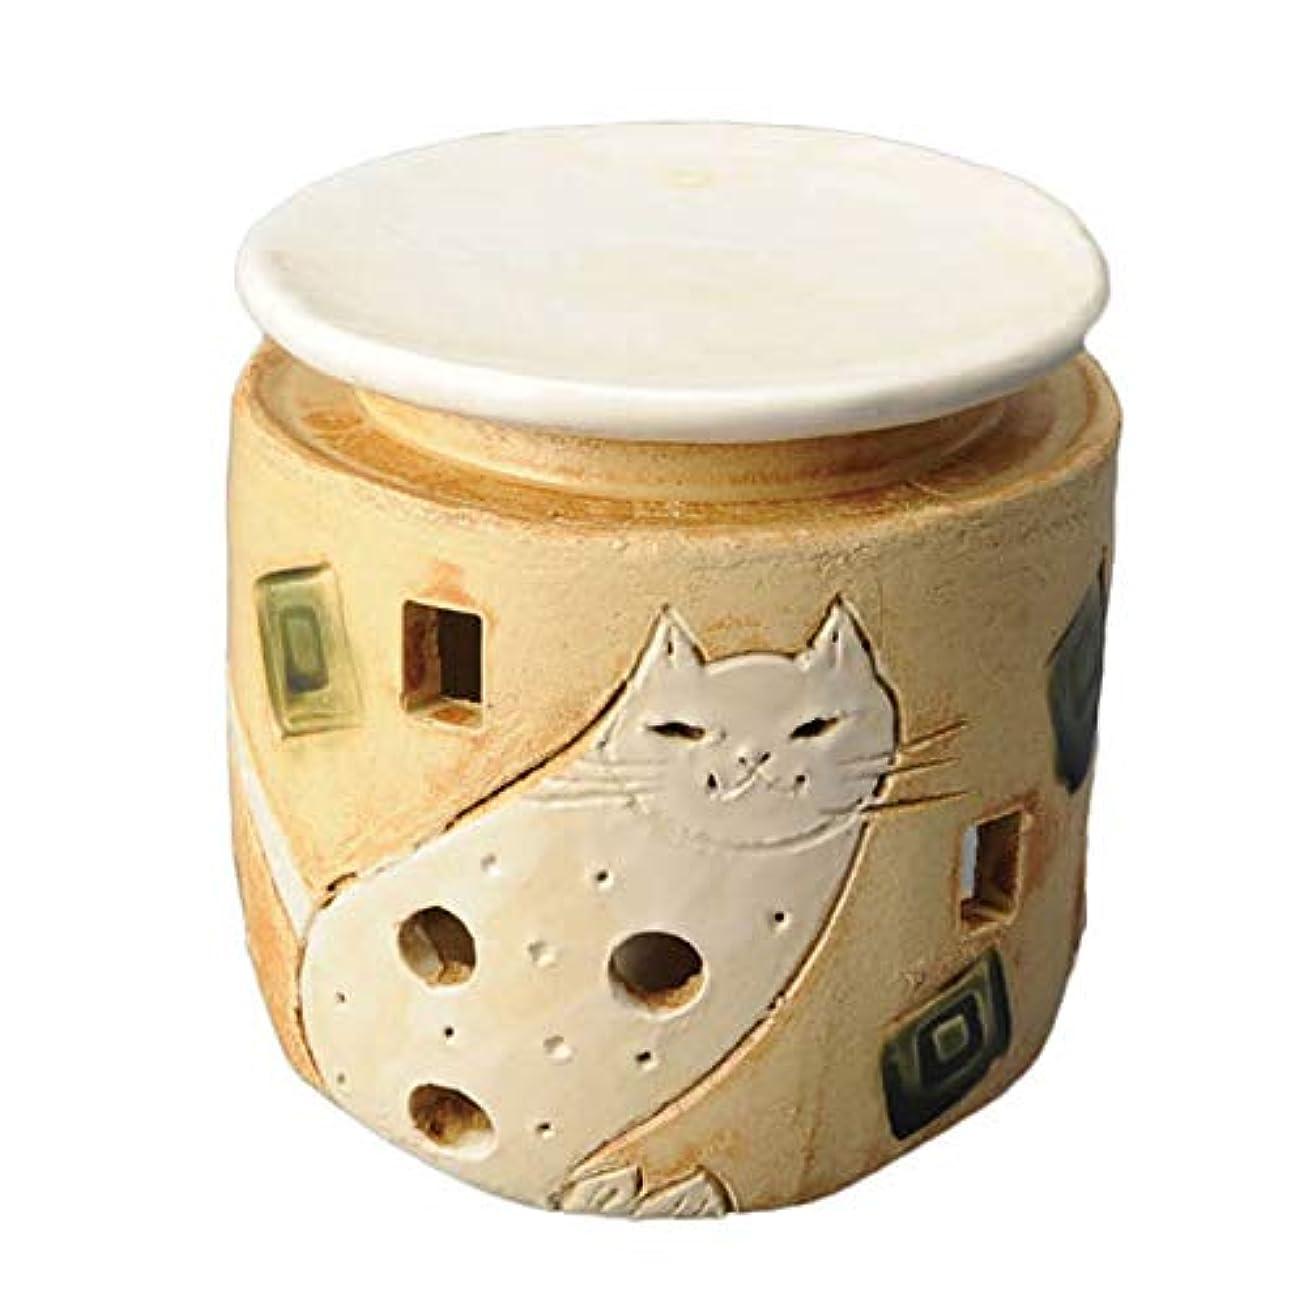 ファブリック罹患率種類手造り 茶香炉/白猫 茶香炉/アロマ 癒やし リラックス インテリア 間接照明